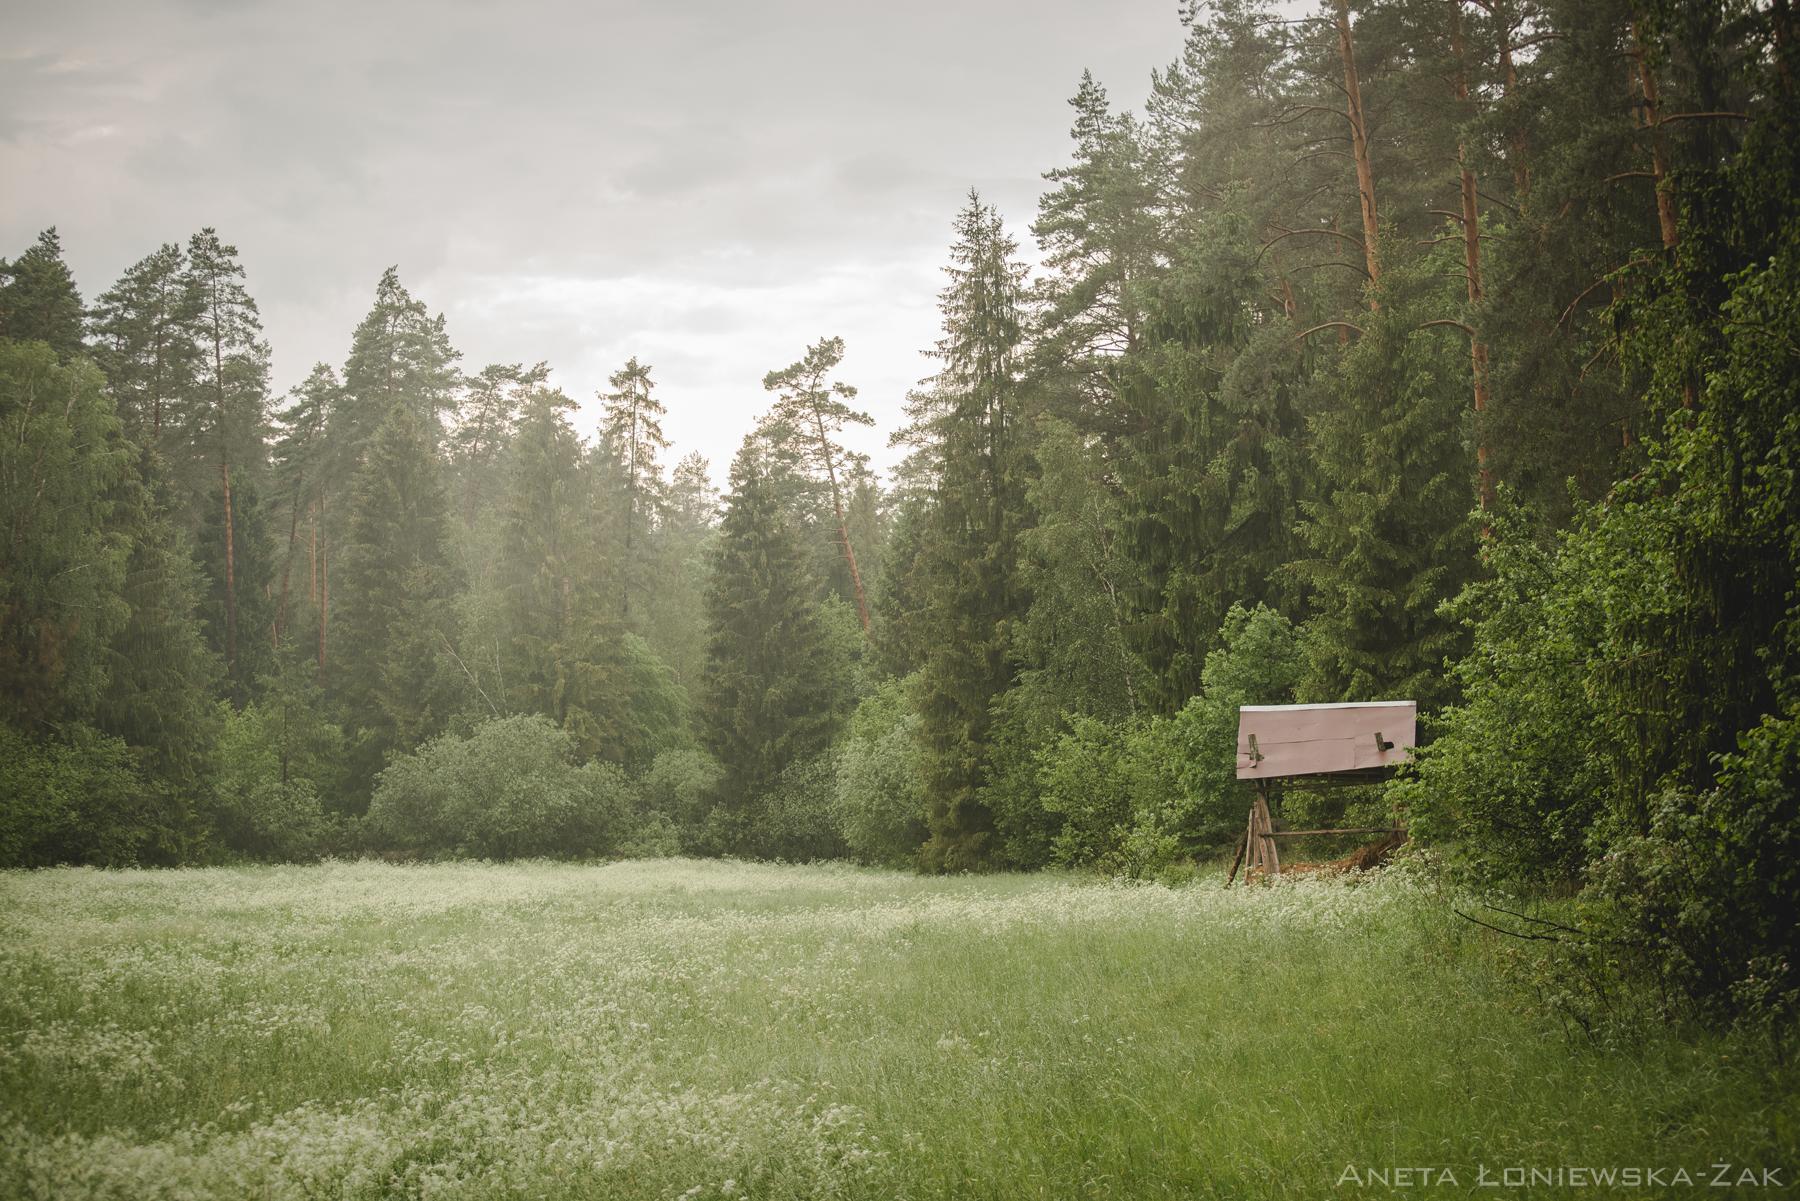 fotografia przyrodnicza, puszcza knyszyńska, las, paśnik, koło łowieckie jarząbek białystok